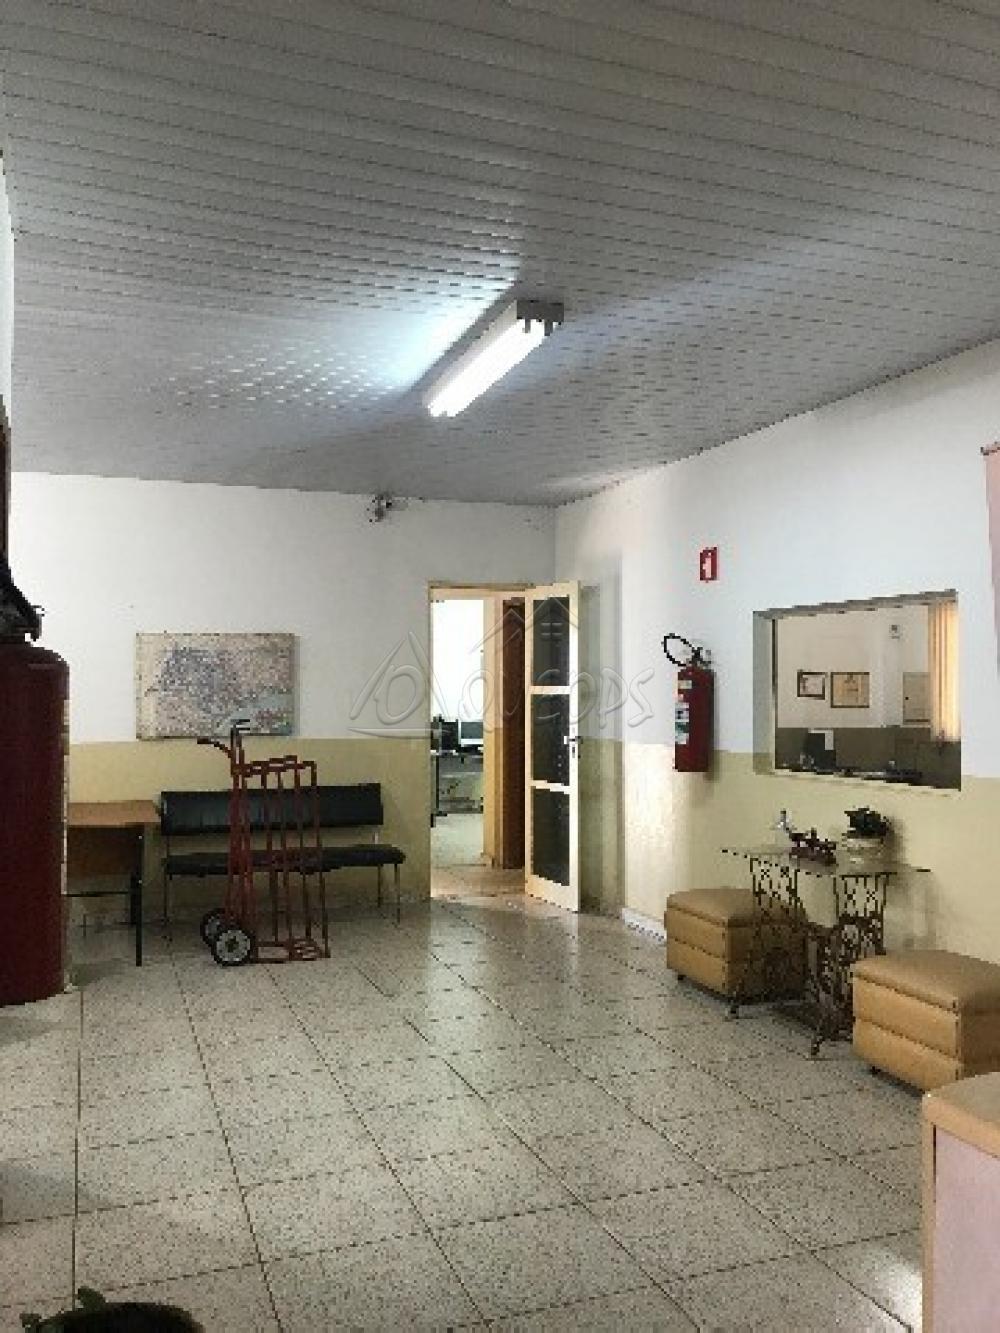 Alugar Comercial / Prédio em Barretos apenas R$ 15.000,00 - Foto 11